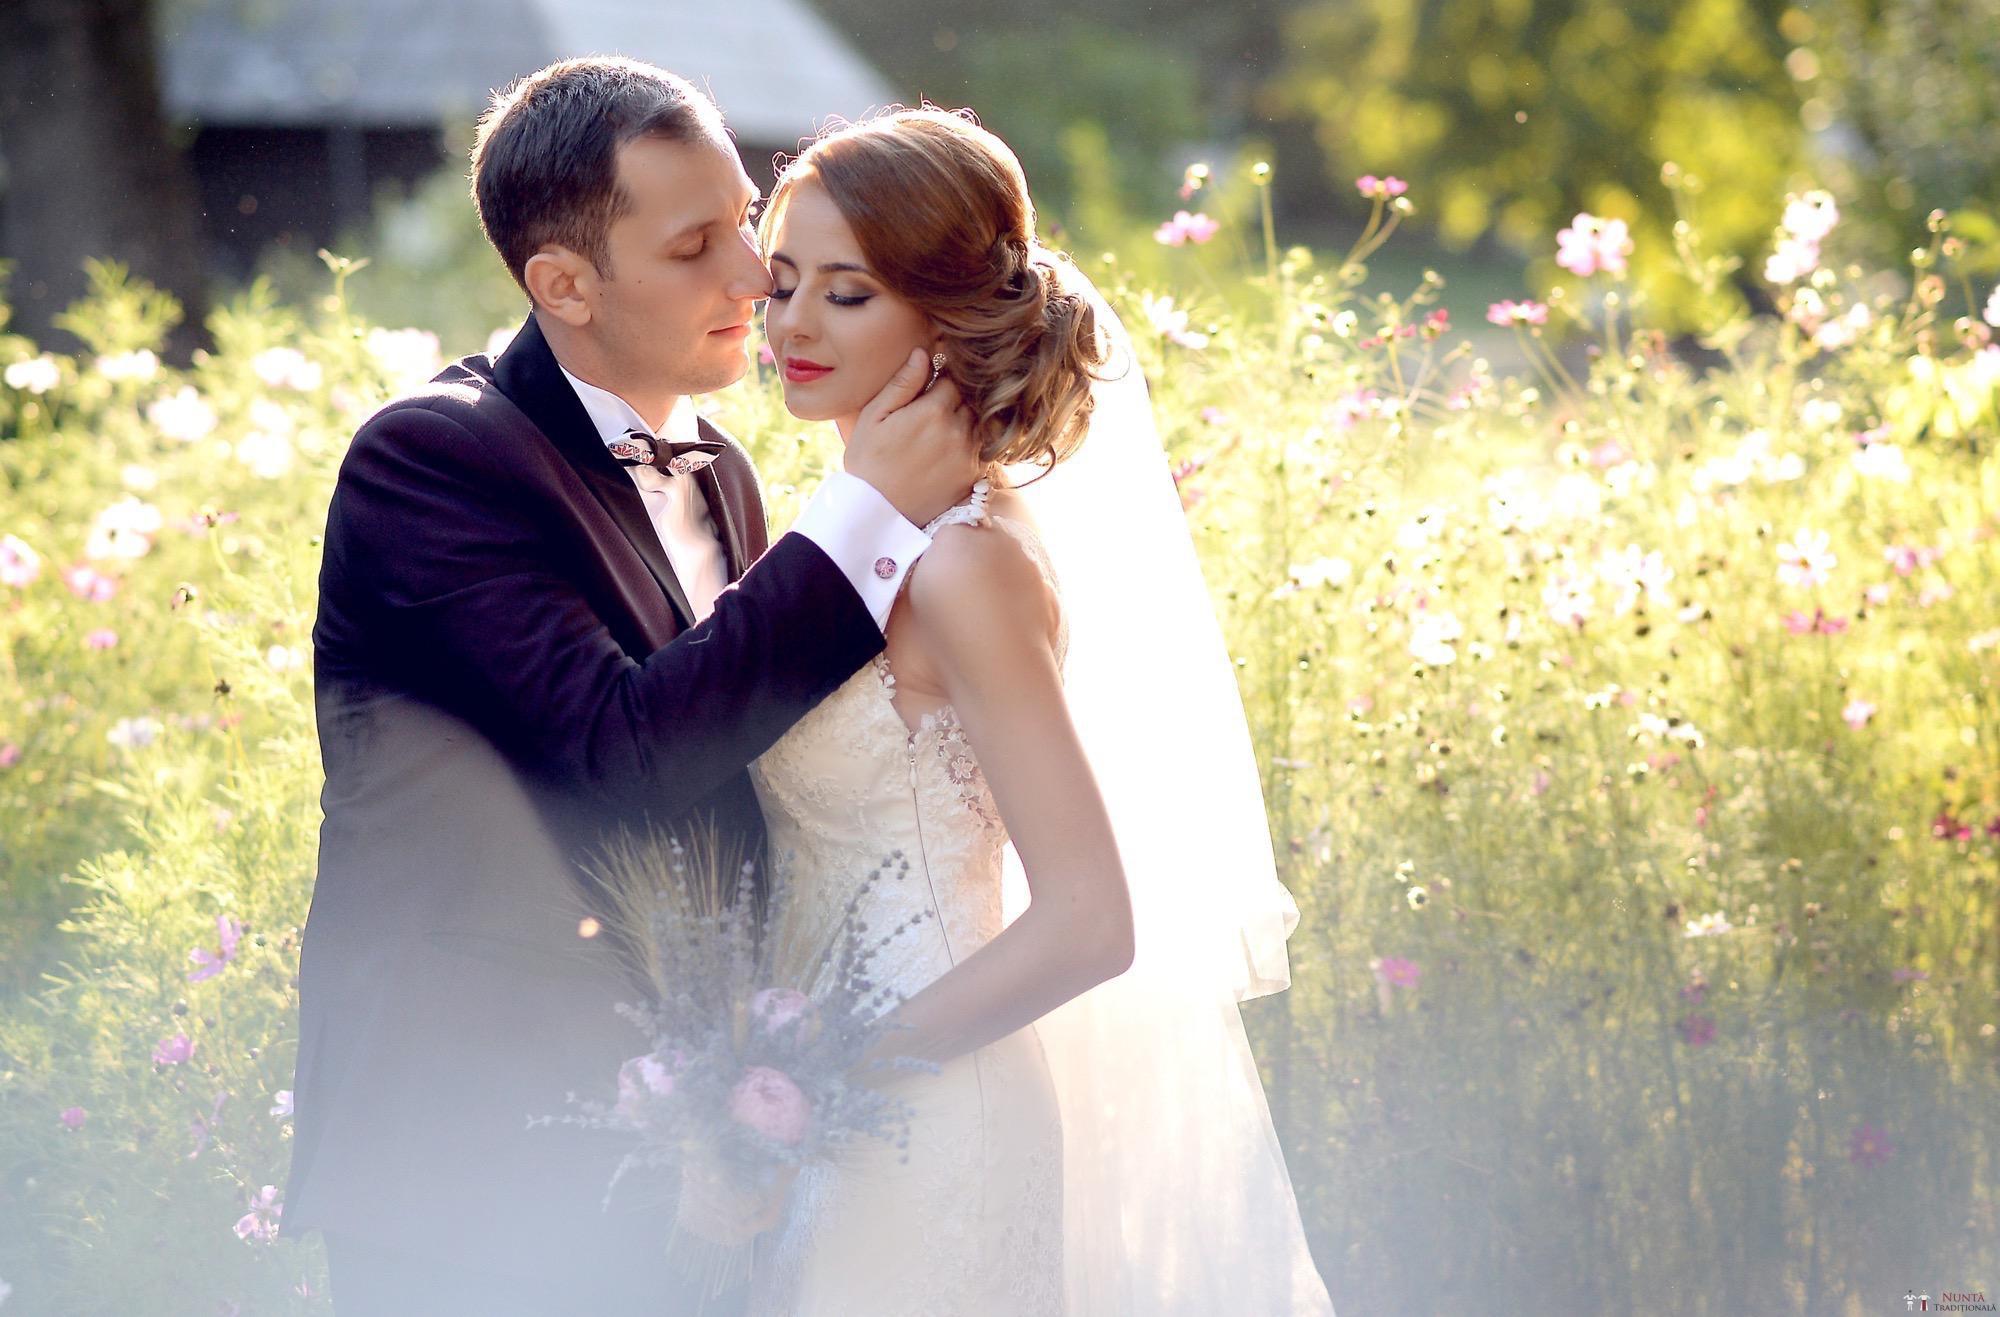 Povești Nunți Tradiționale - Iulia și Andrei. Nuntă tradițională în Bucovina. 75